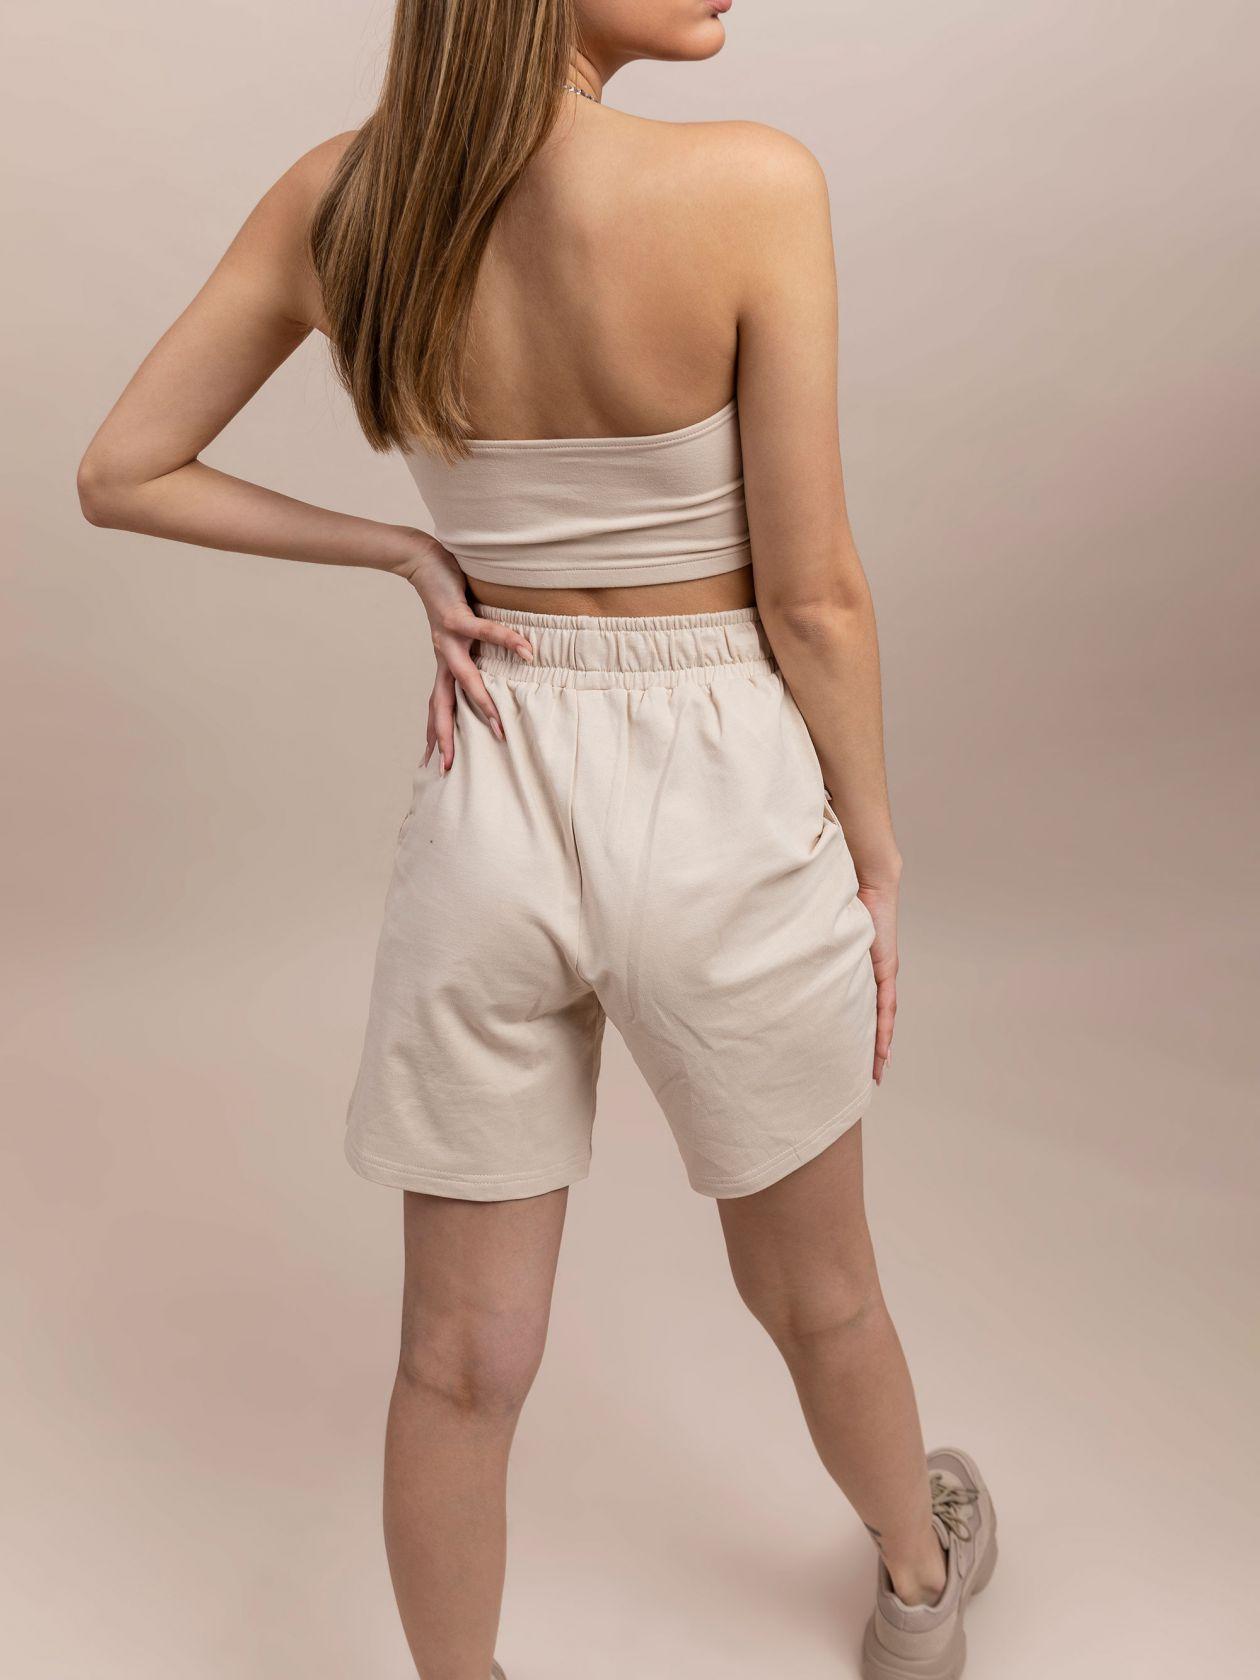 סט מכנסי באגי וטופ בנדו SO BASIC